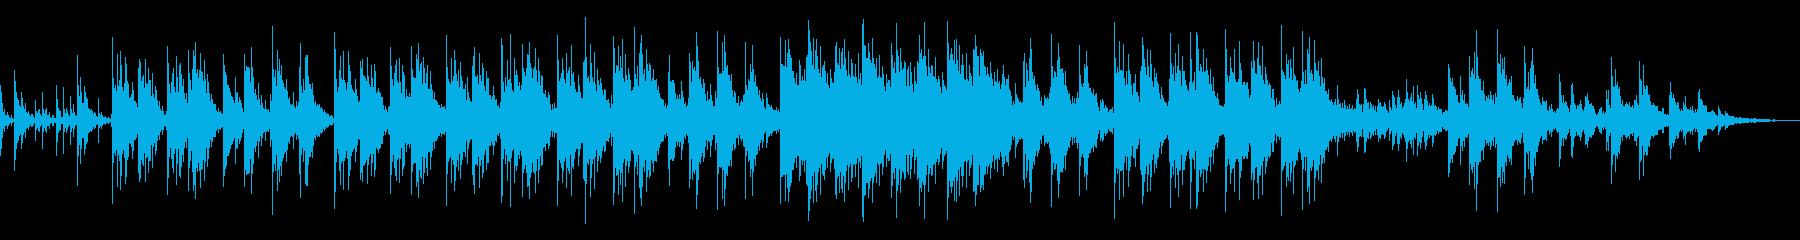 やさしい音色で癒されるメロディーの再生済みの波形